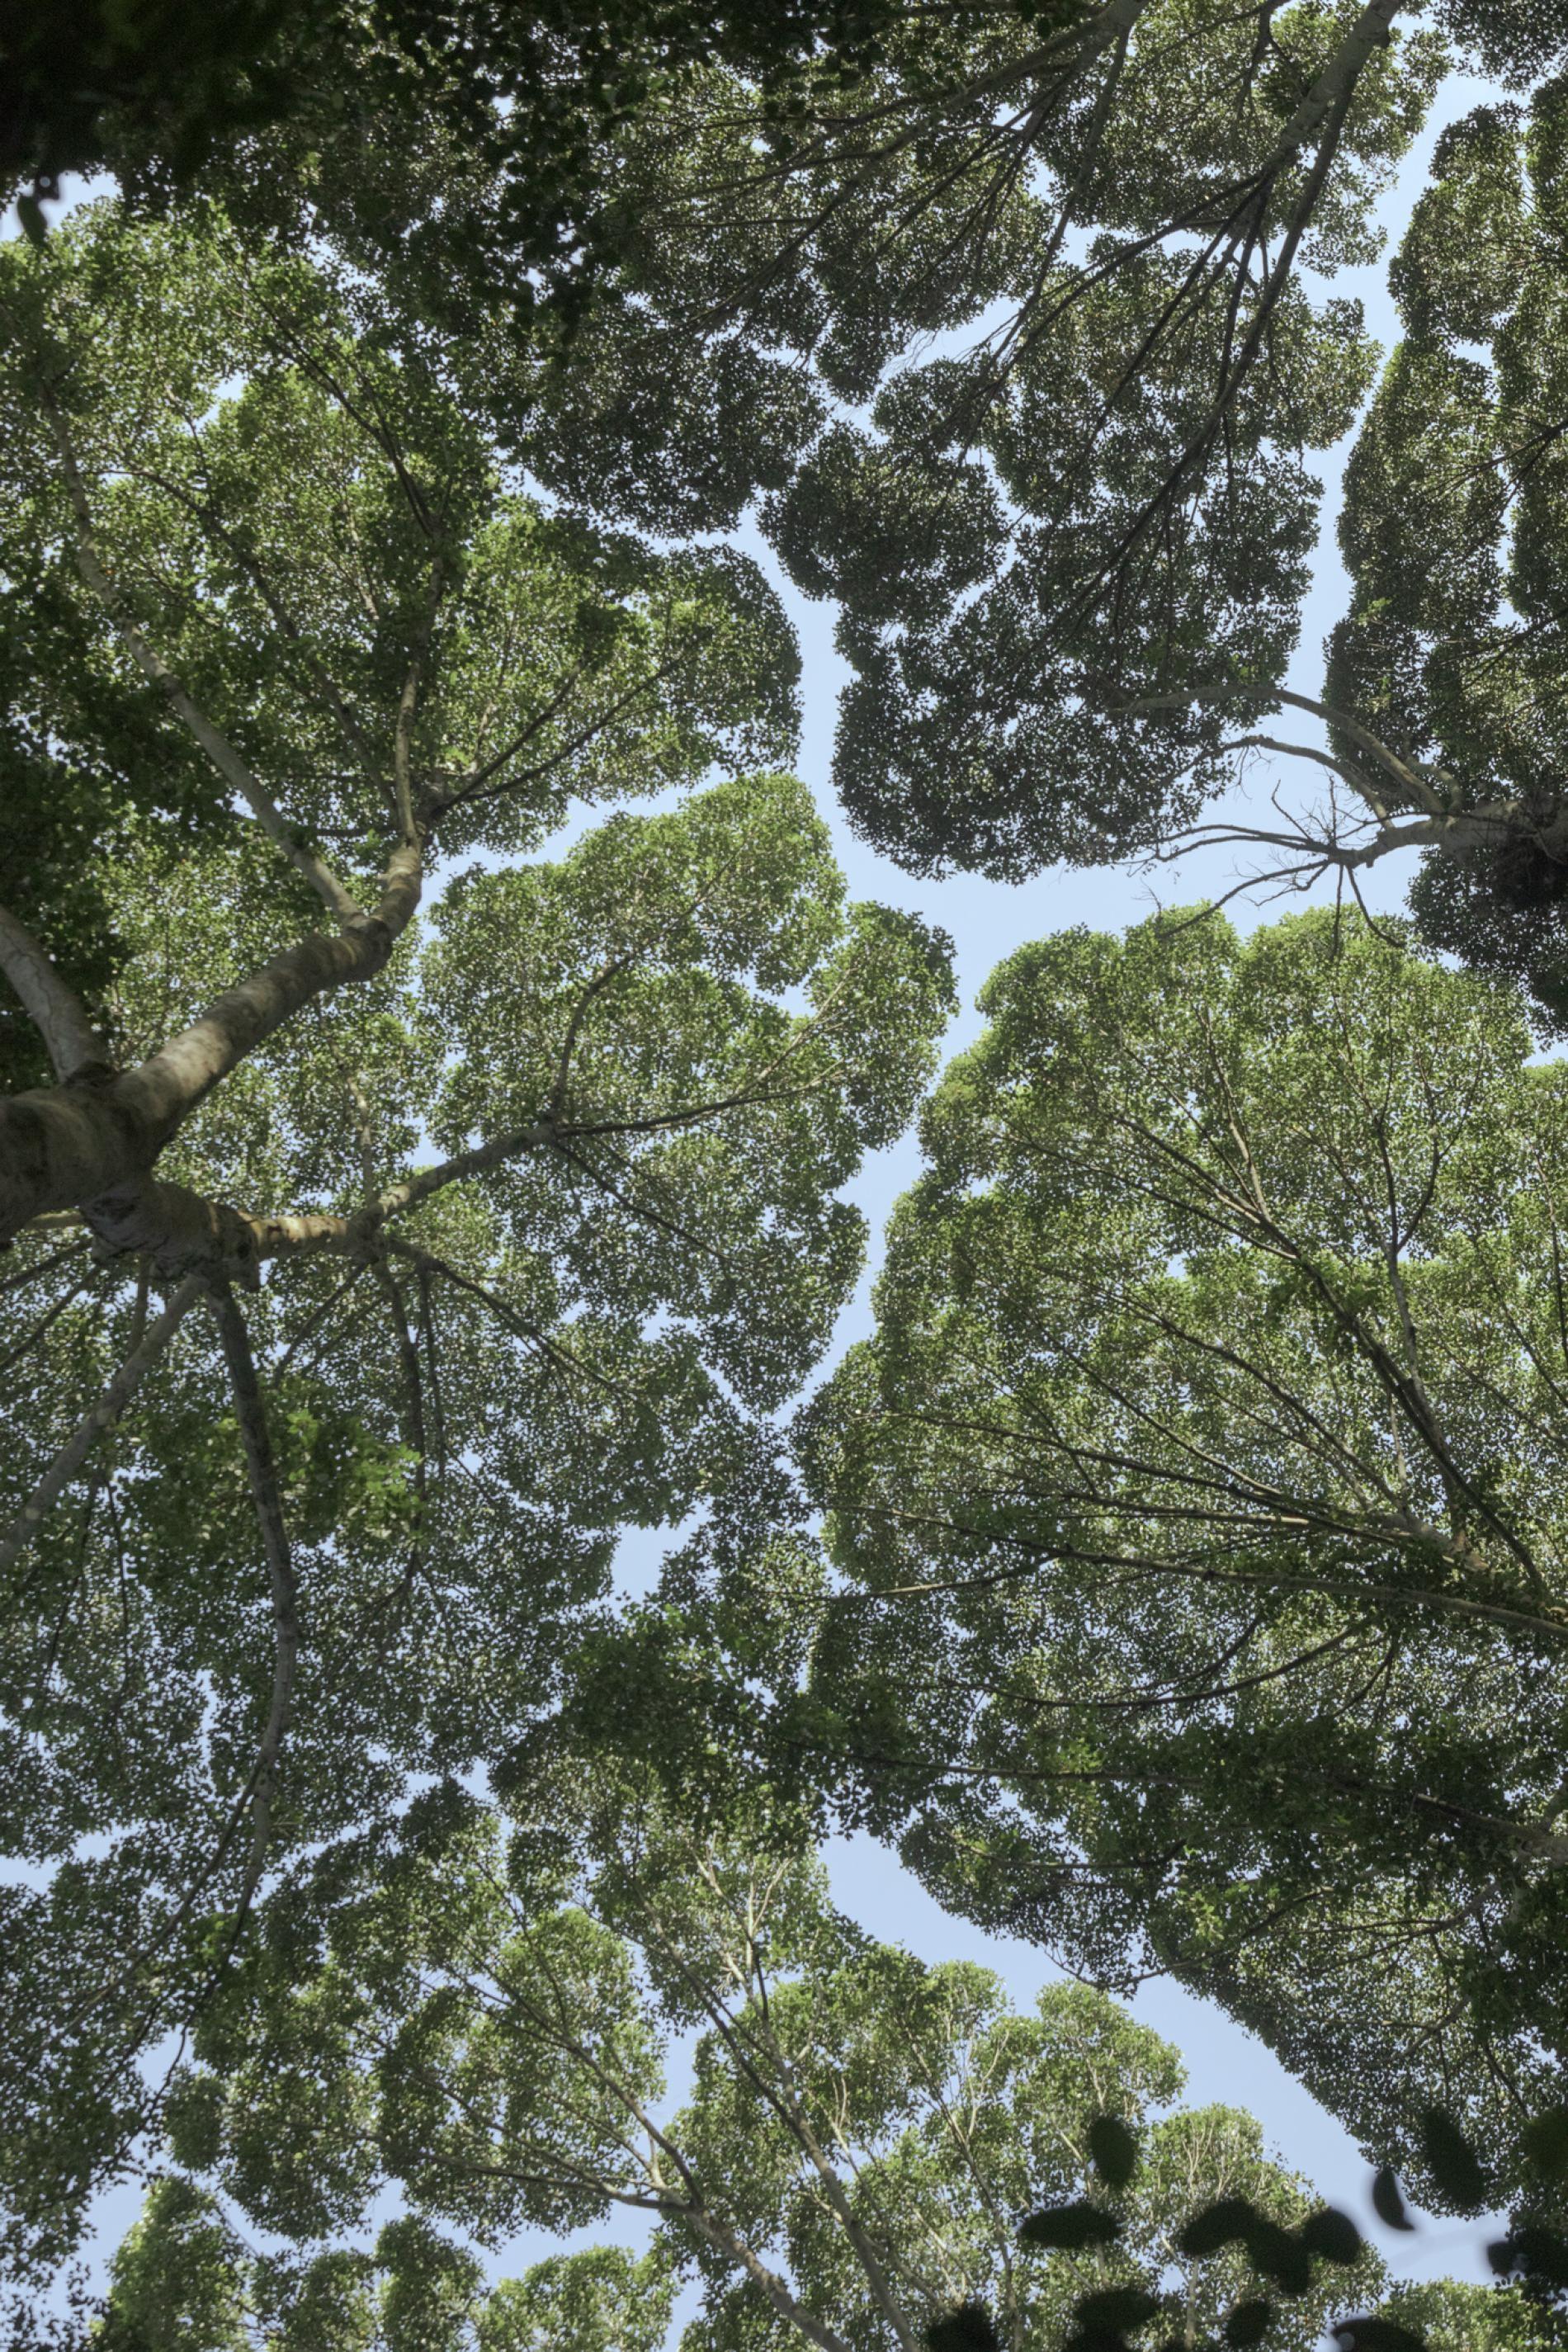 馬來西亞森林研究所(Forest Research Institute Malaysia)的龍腦香樹林展現出「樹冠羞避」的現象,也就是一些樹種的樹冠間會出現一些空隙以防止樹枝互相碰觸,形成像渠道一般的空隙。PHOTOGRAPH BY IAN TEH, NATIONAL GEOGRAPHIC